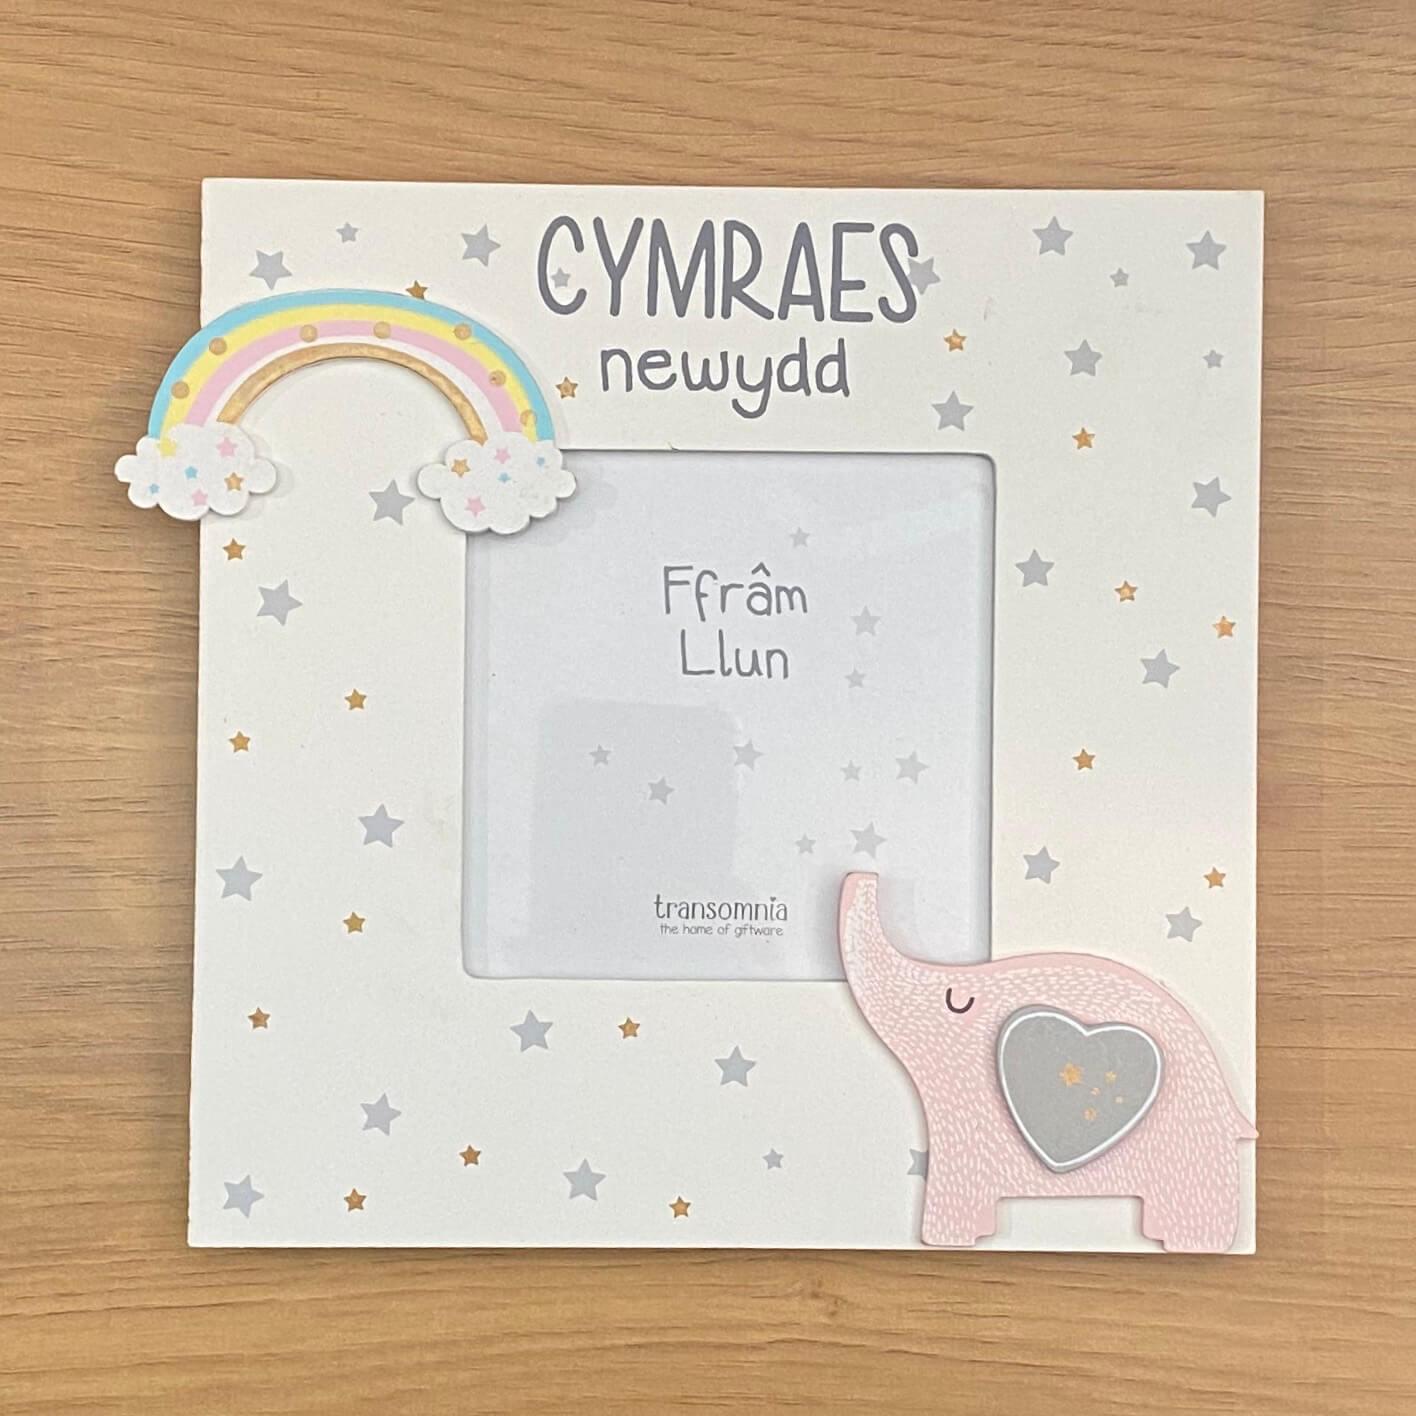 Cymraes Newydd Photo Frame